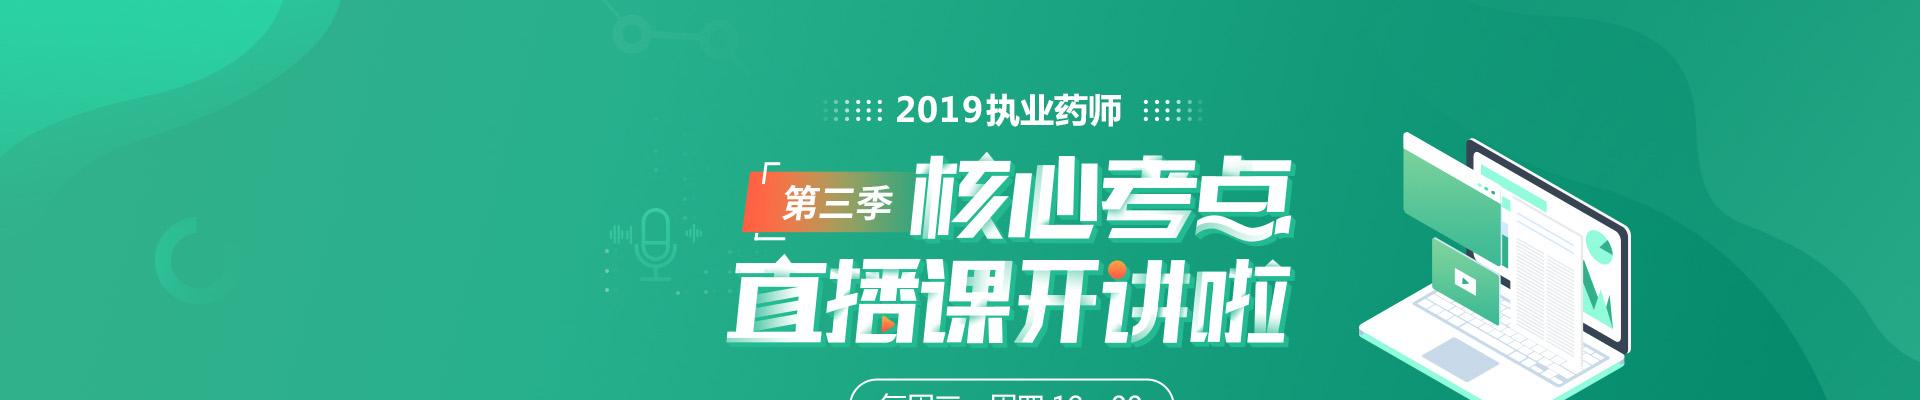 江苏徐州优路教育培训学校